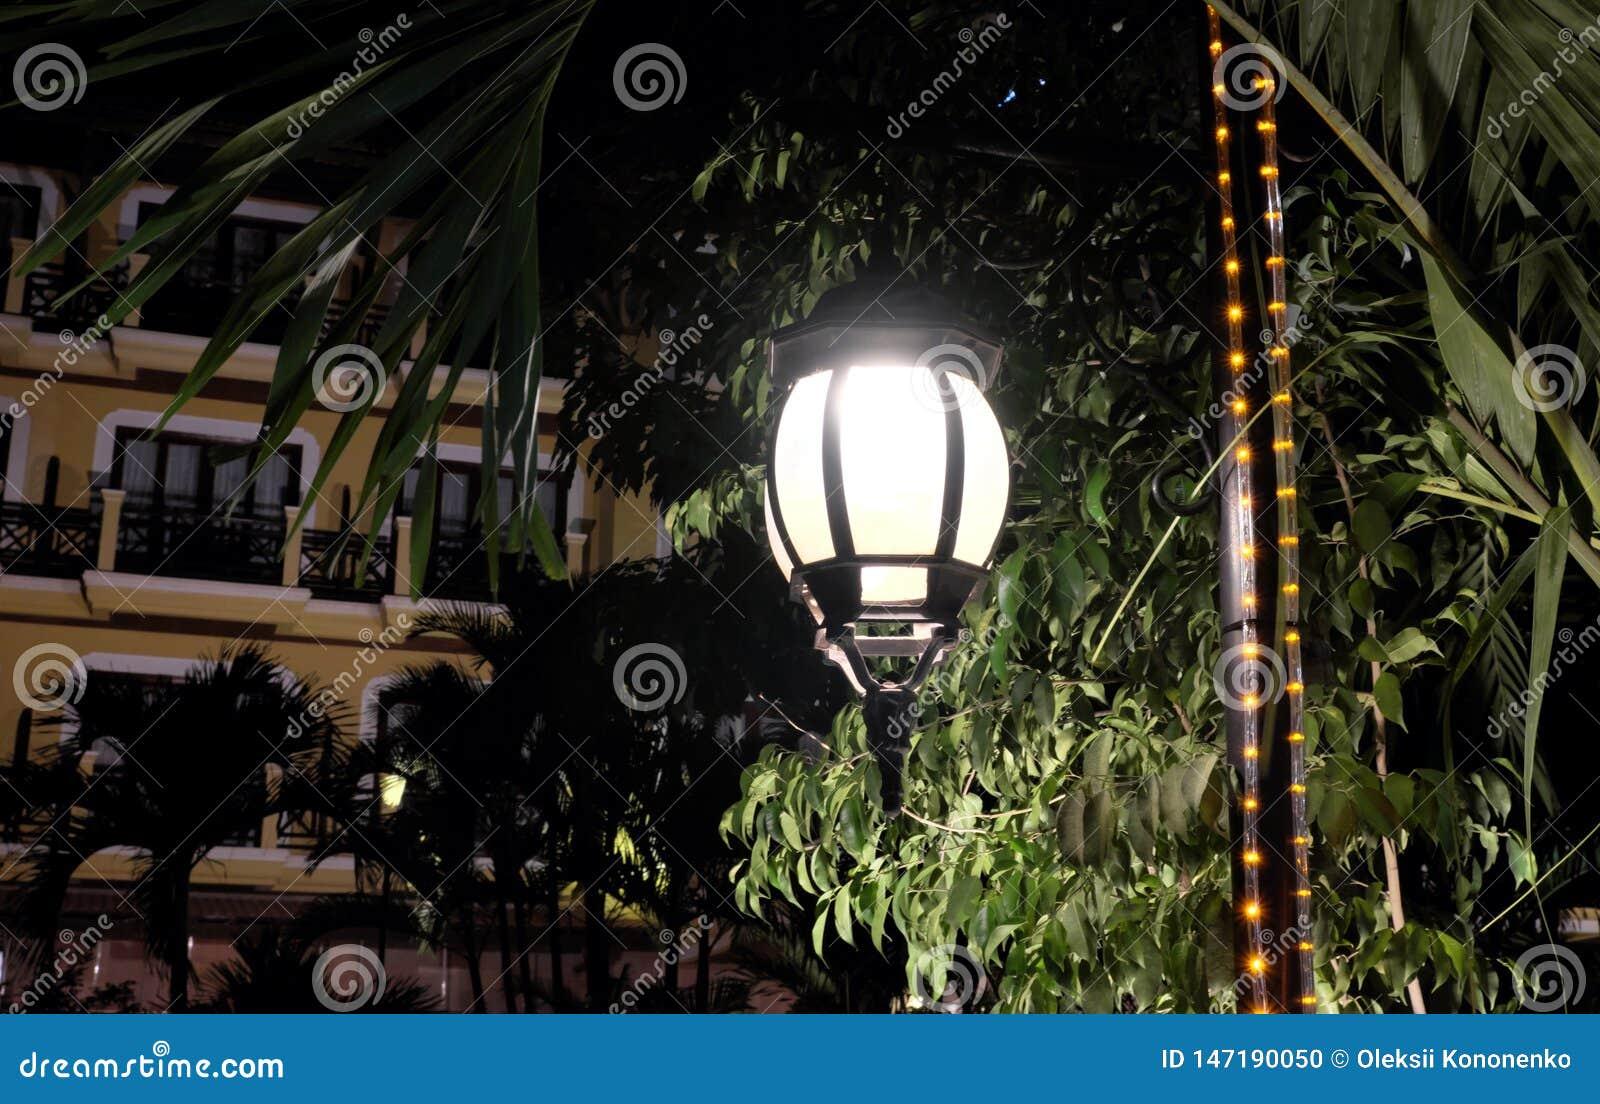 伪造的葡萄酒灯笼照亮树的叶子 发出从街灯的明亮的光